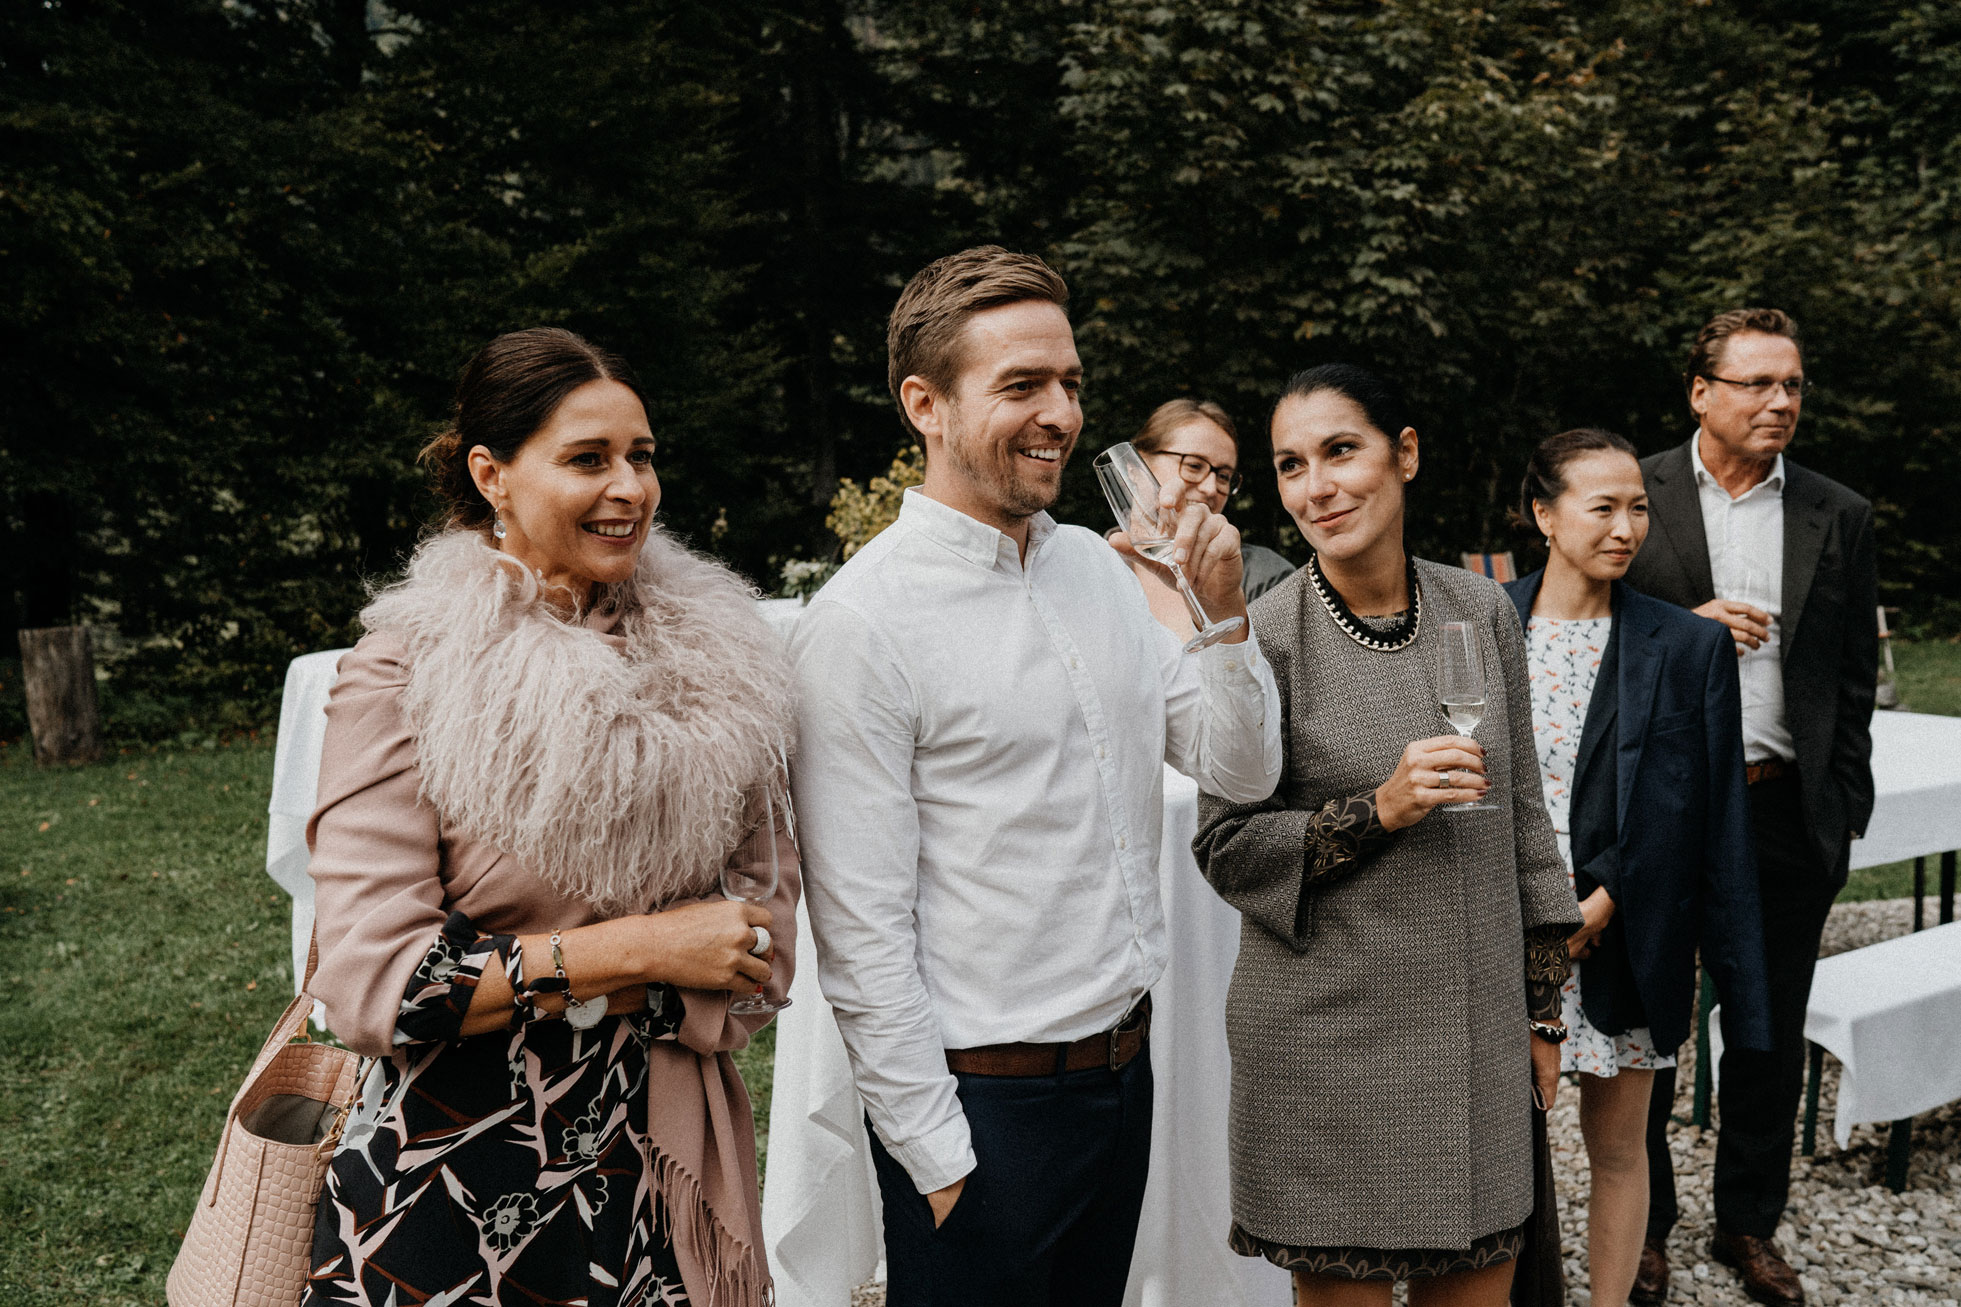 Hochzeit_Claire_Manuel_Villa_Maund_Daniel_Jenny-333.jpg